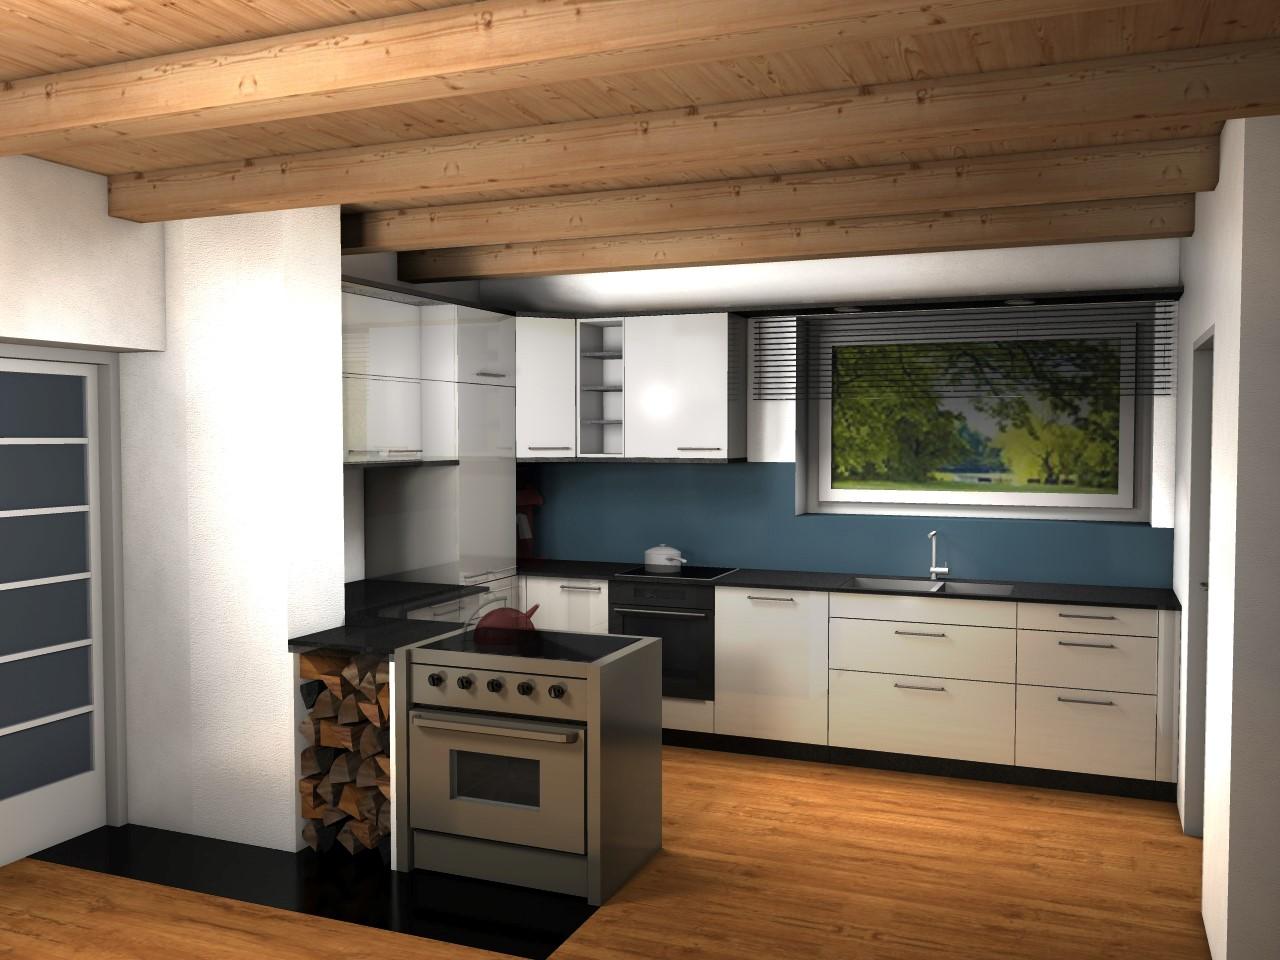 Einfache_Wohnküche_-_Holzofen